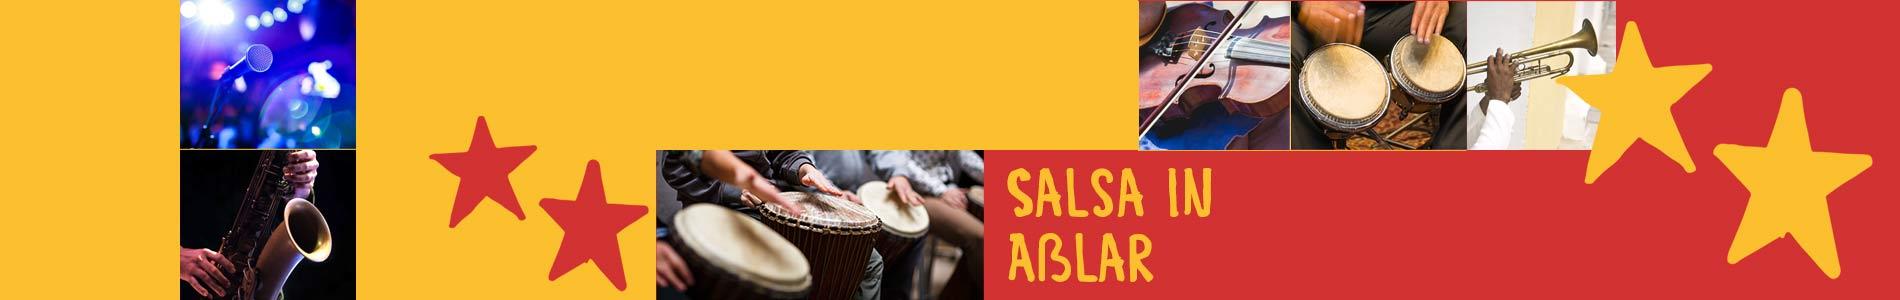 Salsa in Aßlar – Salsa lernen und tanzen, Tanzkurse, Partys, Veranstaltungen